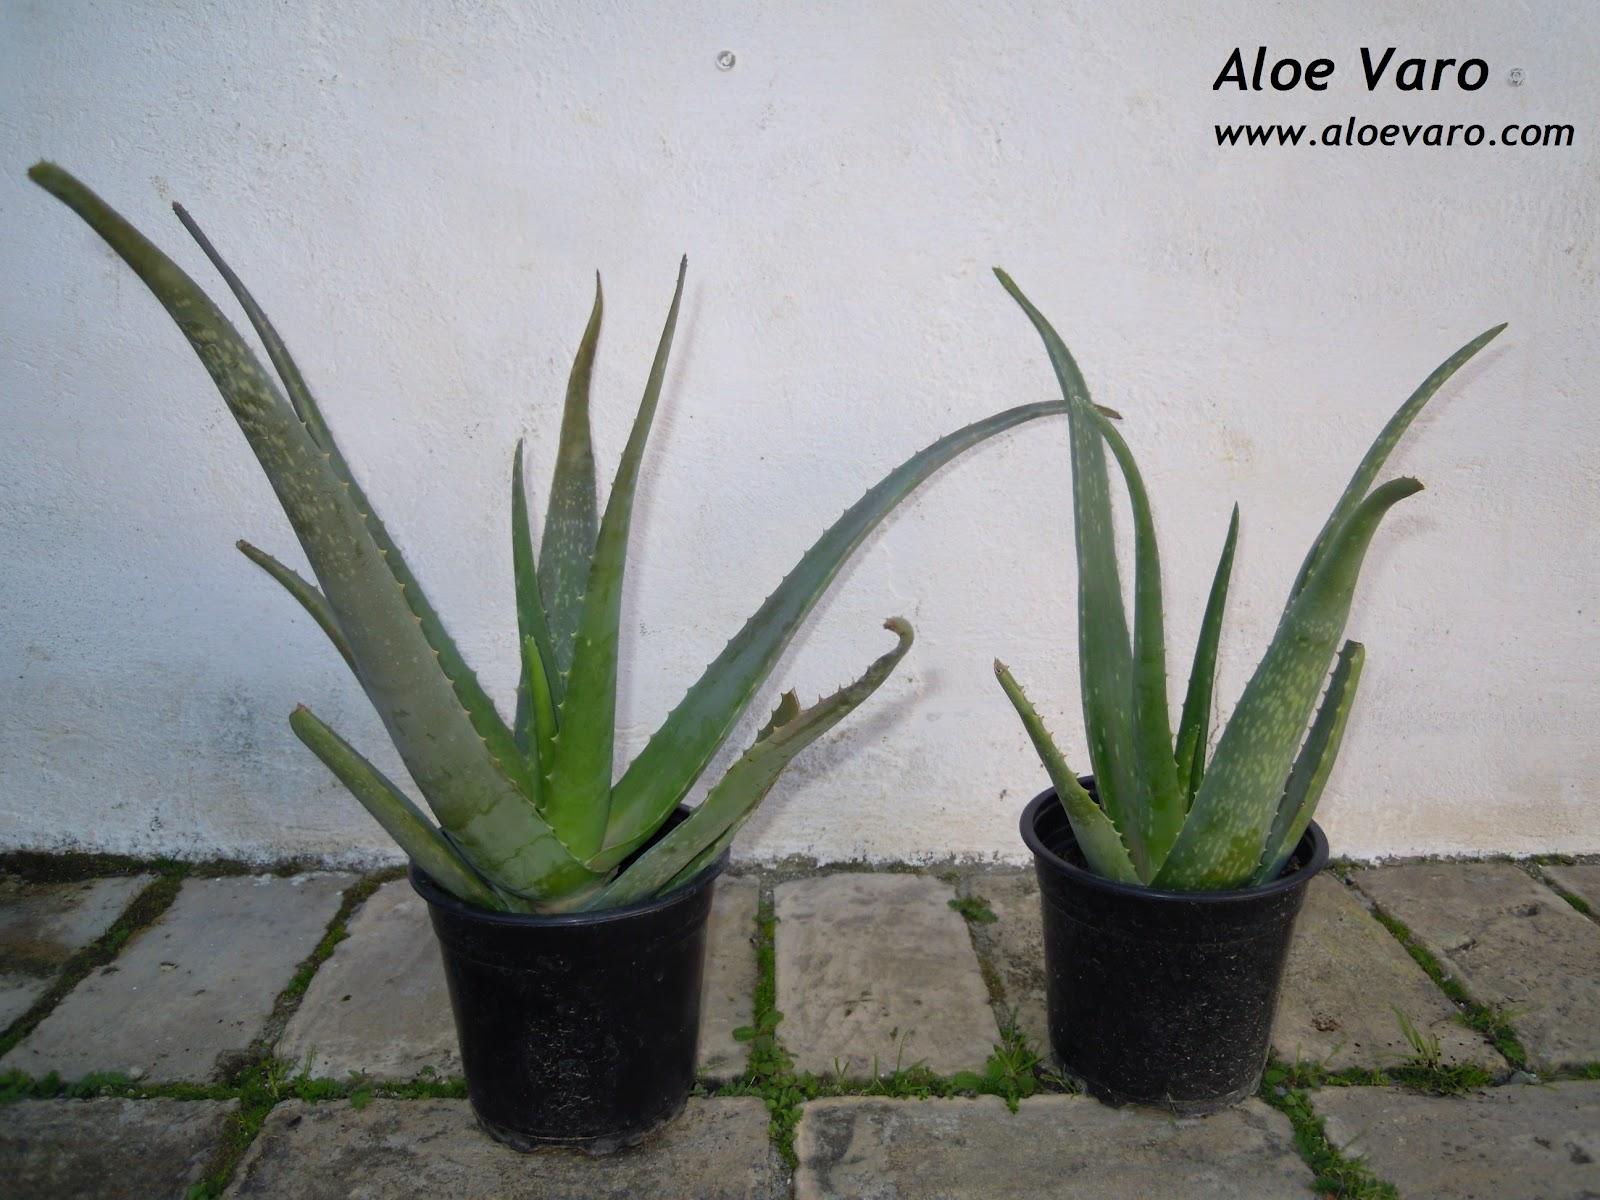 Aloe varo venta de macetas de aloe vera - Planta de aloe vera precio ...